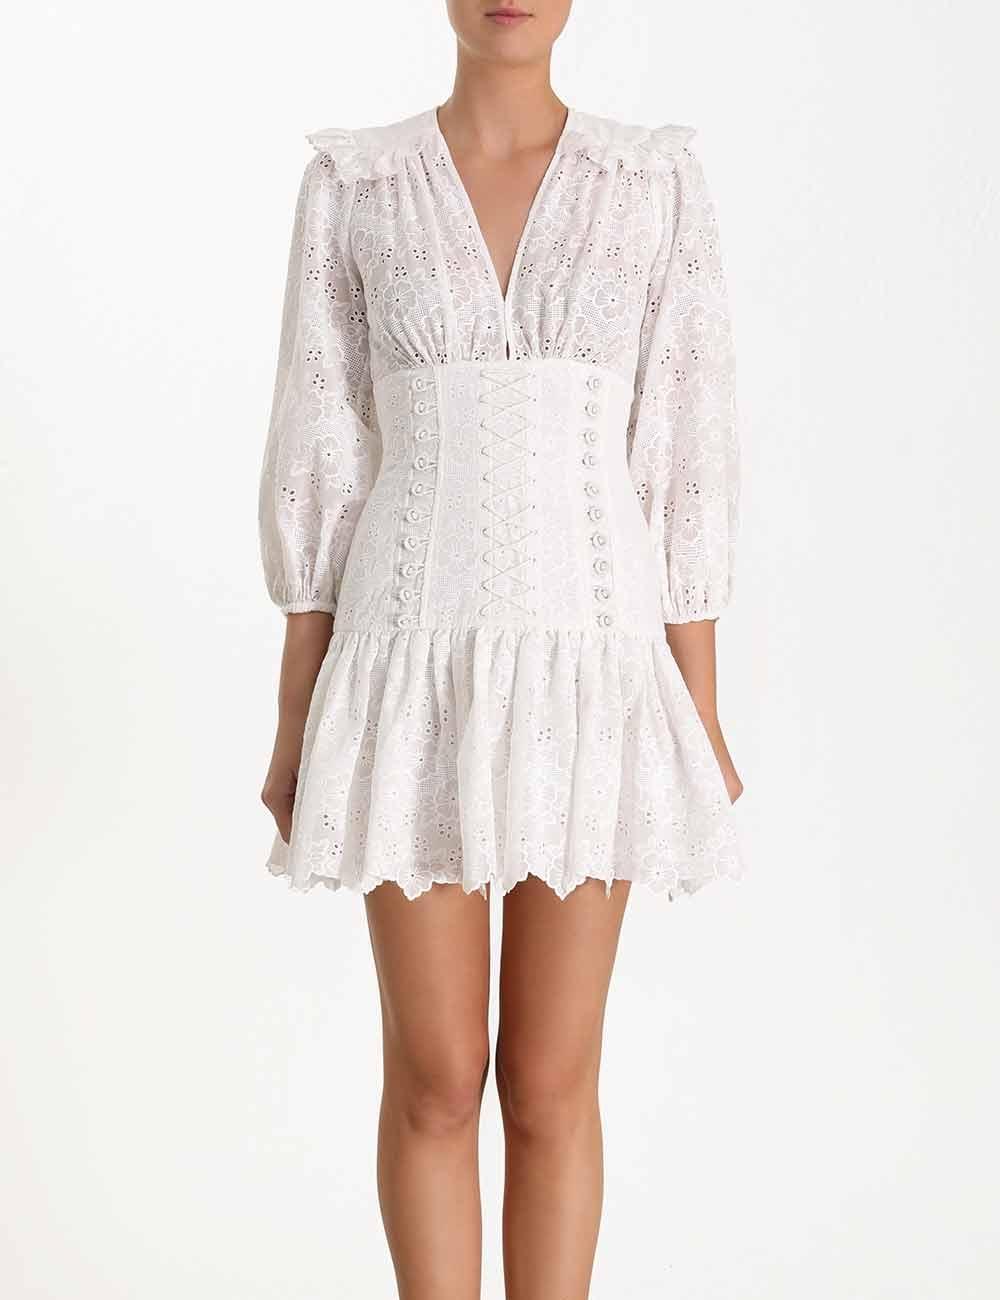 Honour Corset Lace Short Dress